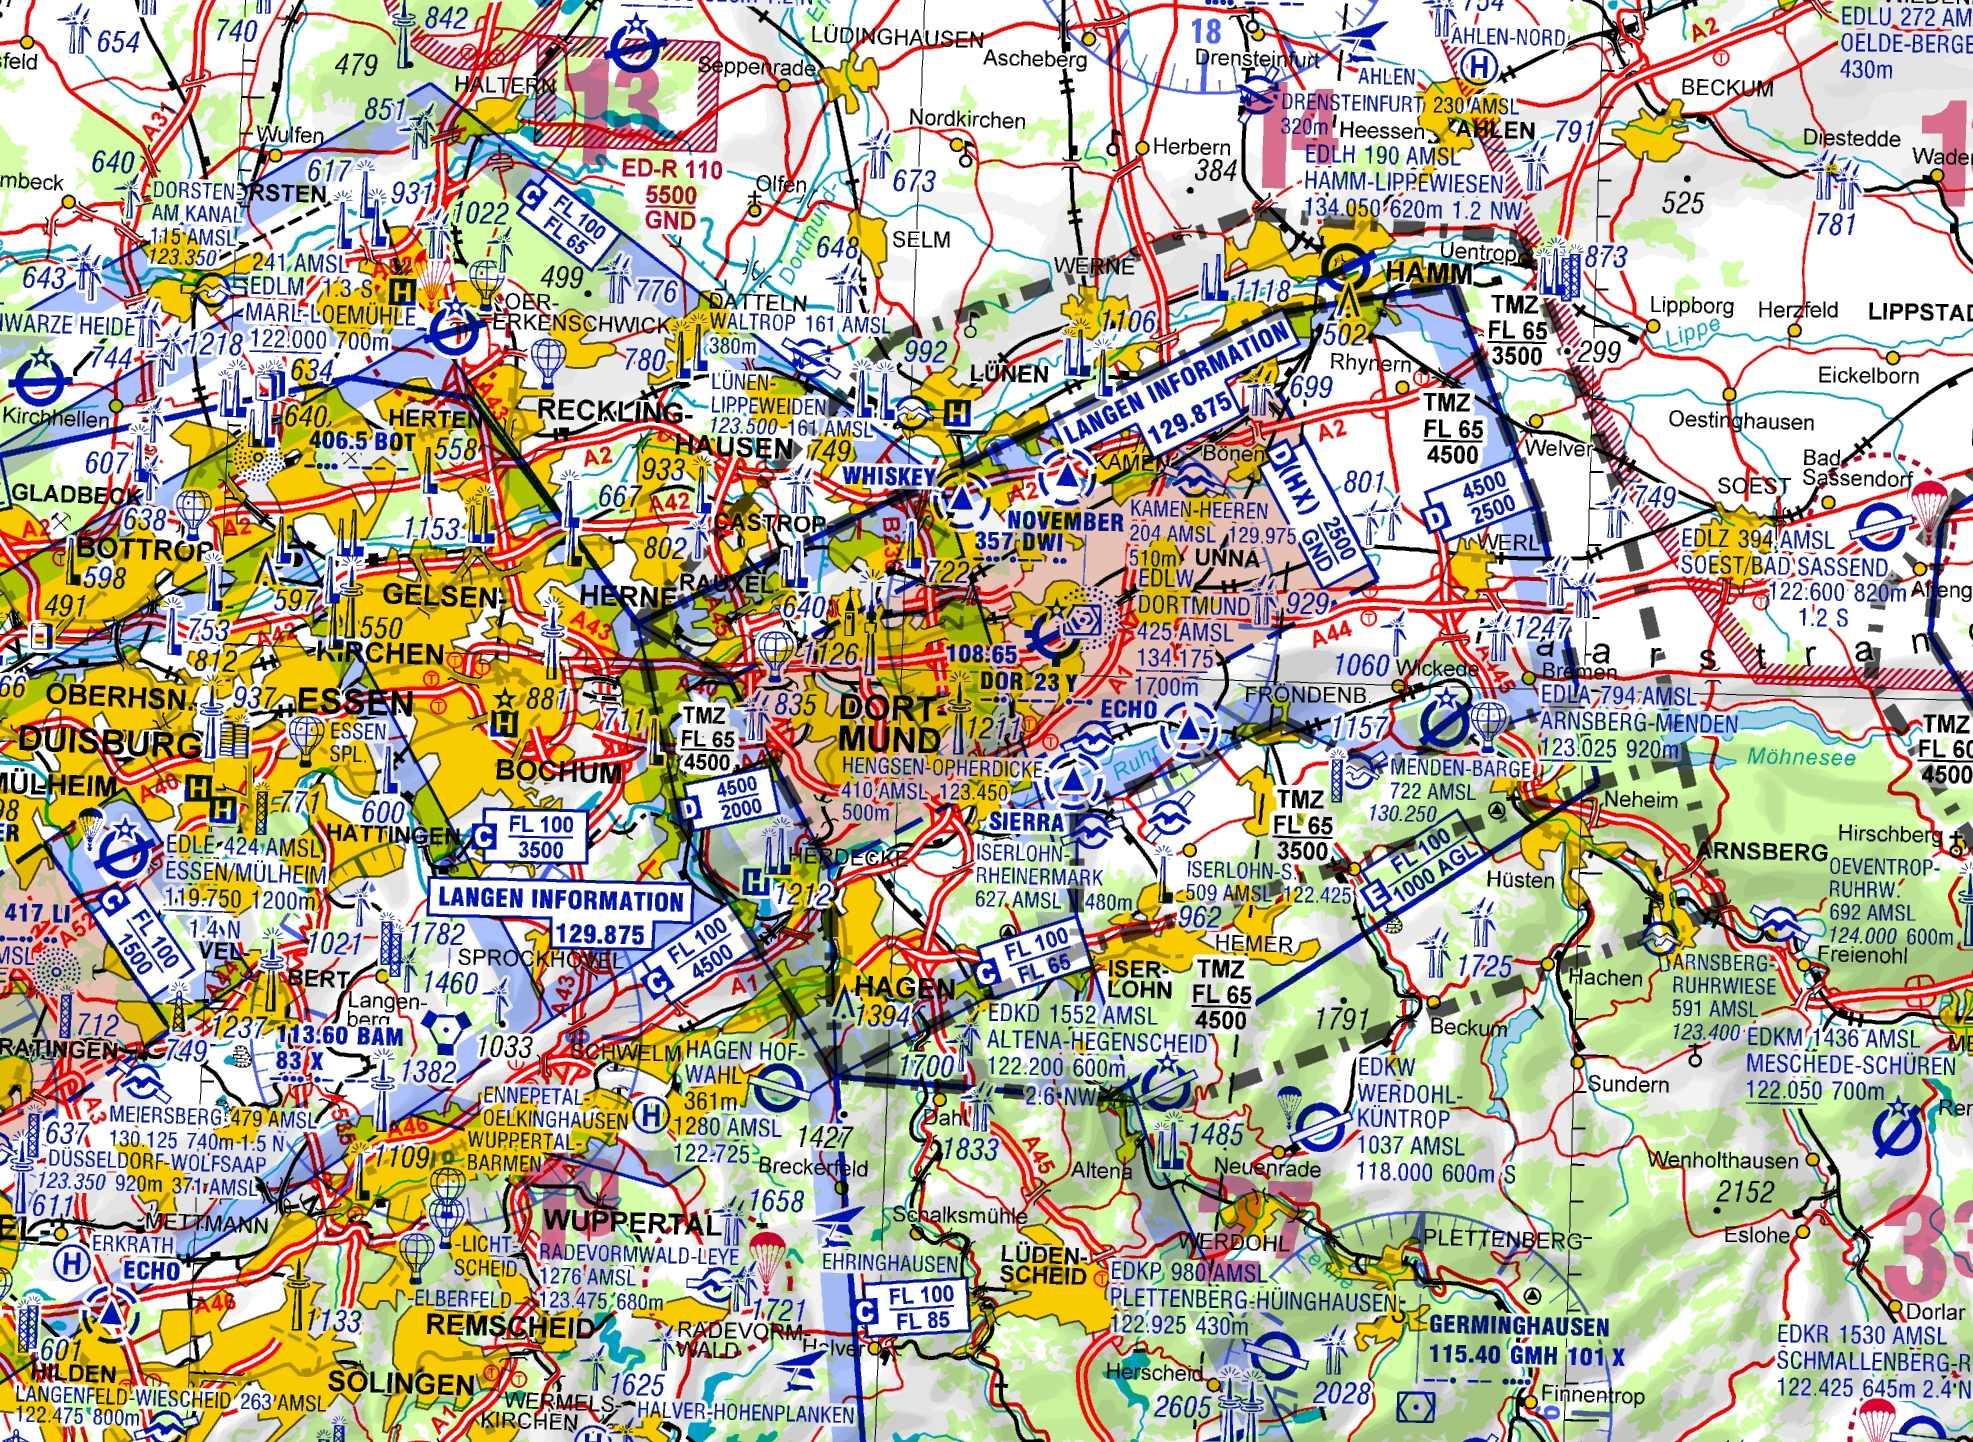 Luftraumbriefing 2017